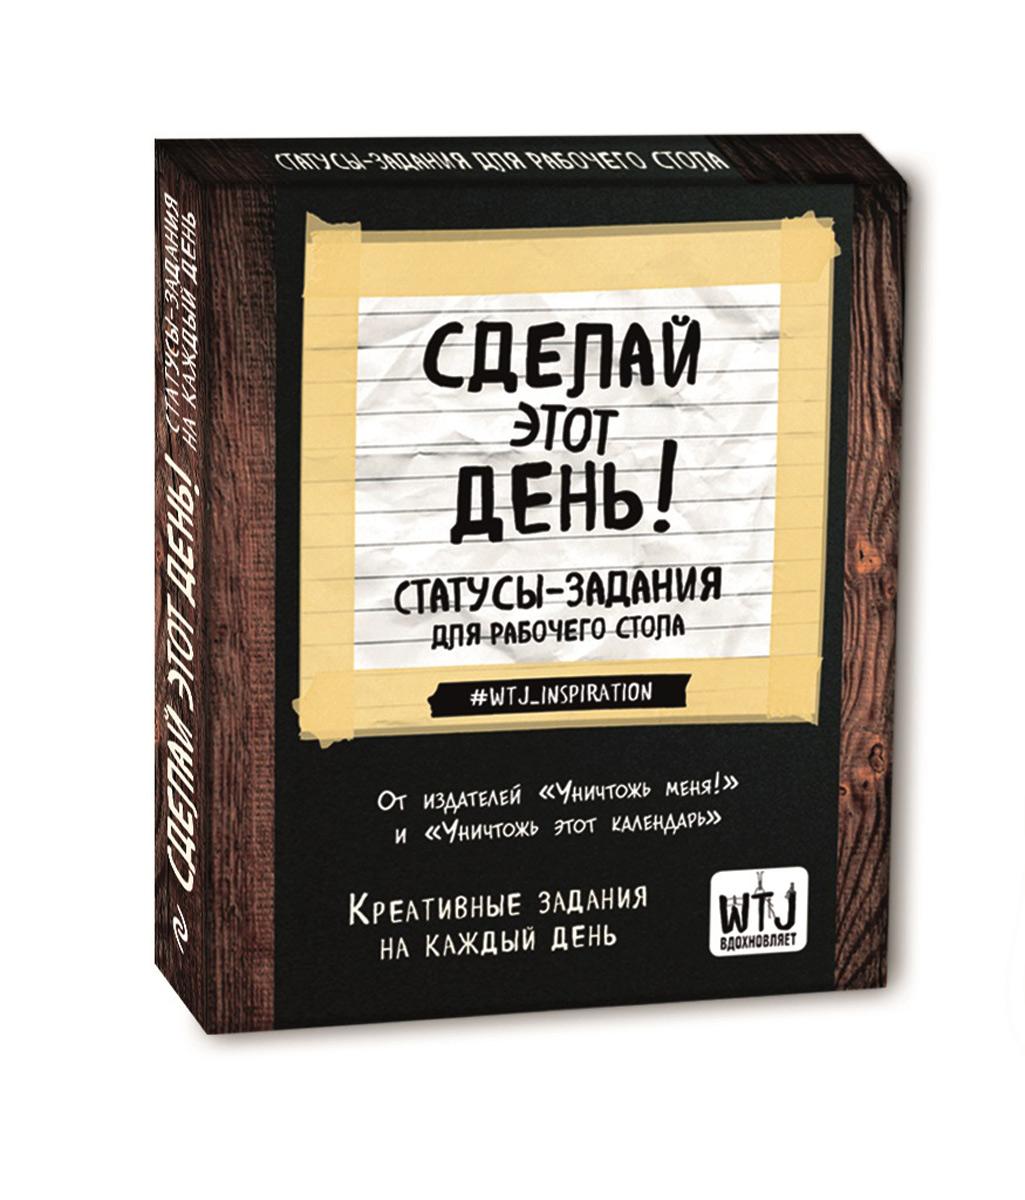 Сделай этот день! Статусы-задания для рабочего стола купить уничтожь меня в украине